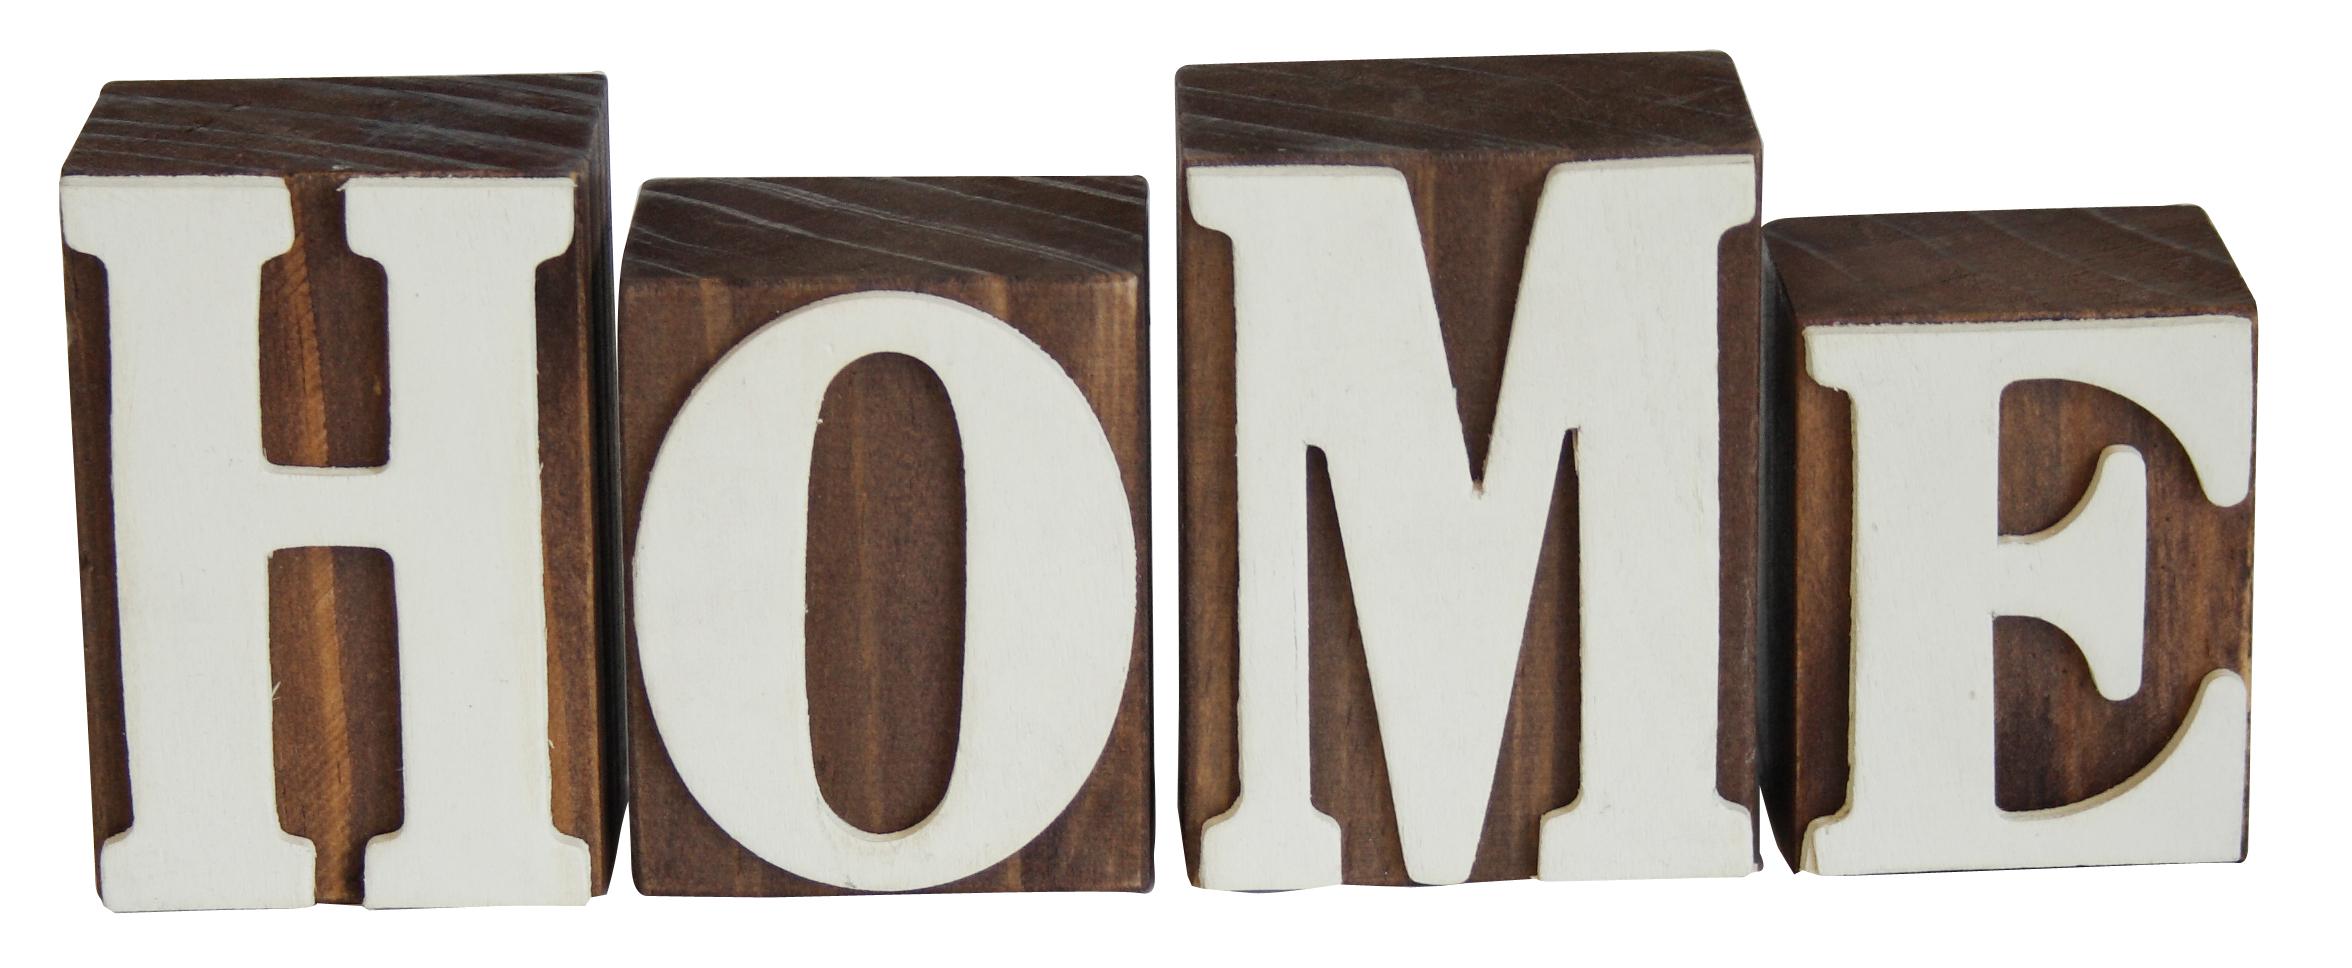 Wooden block letters levelings